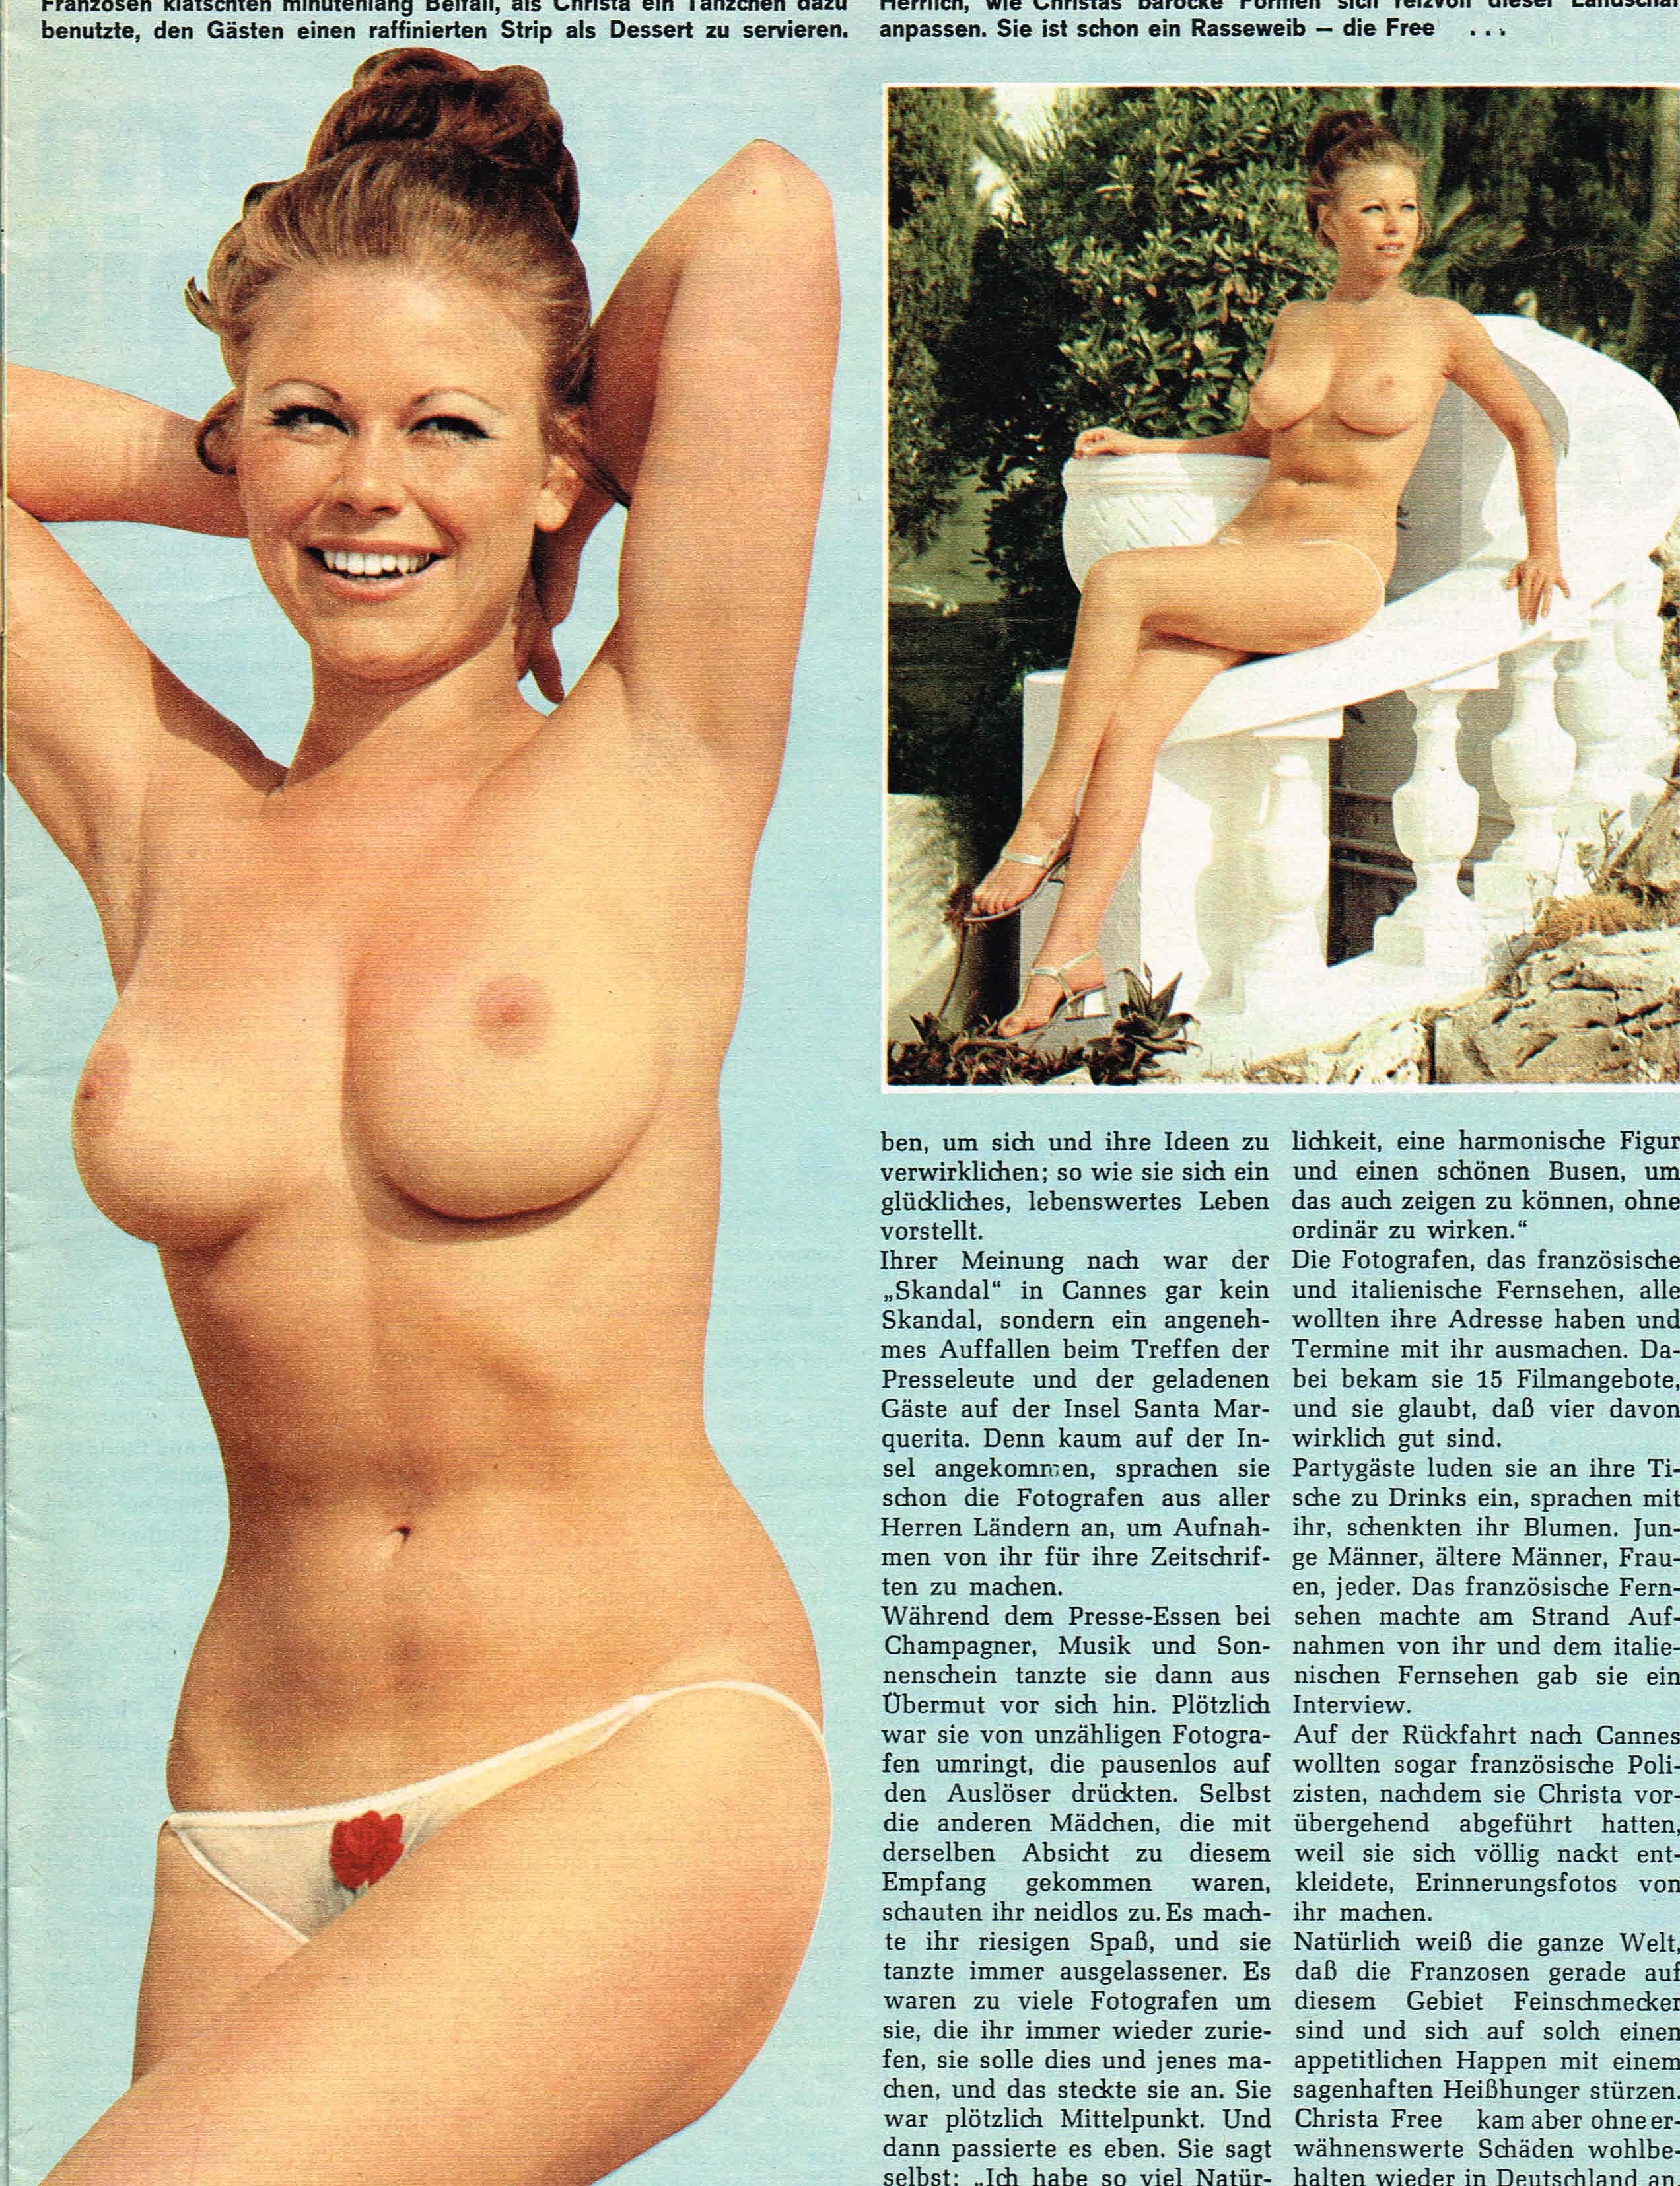 Криста Фри голая. Фото - 185